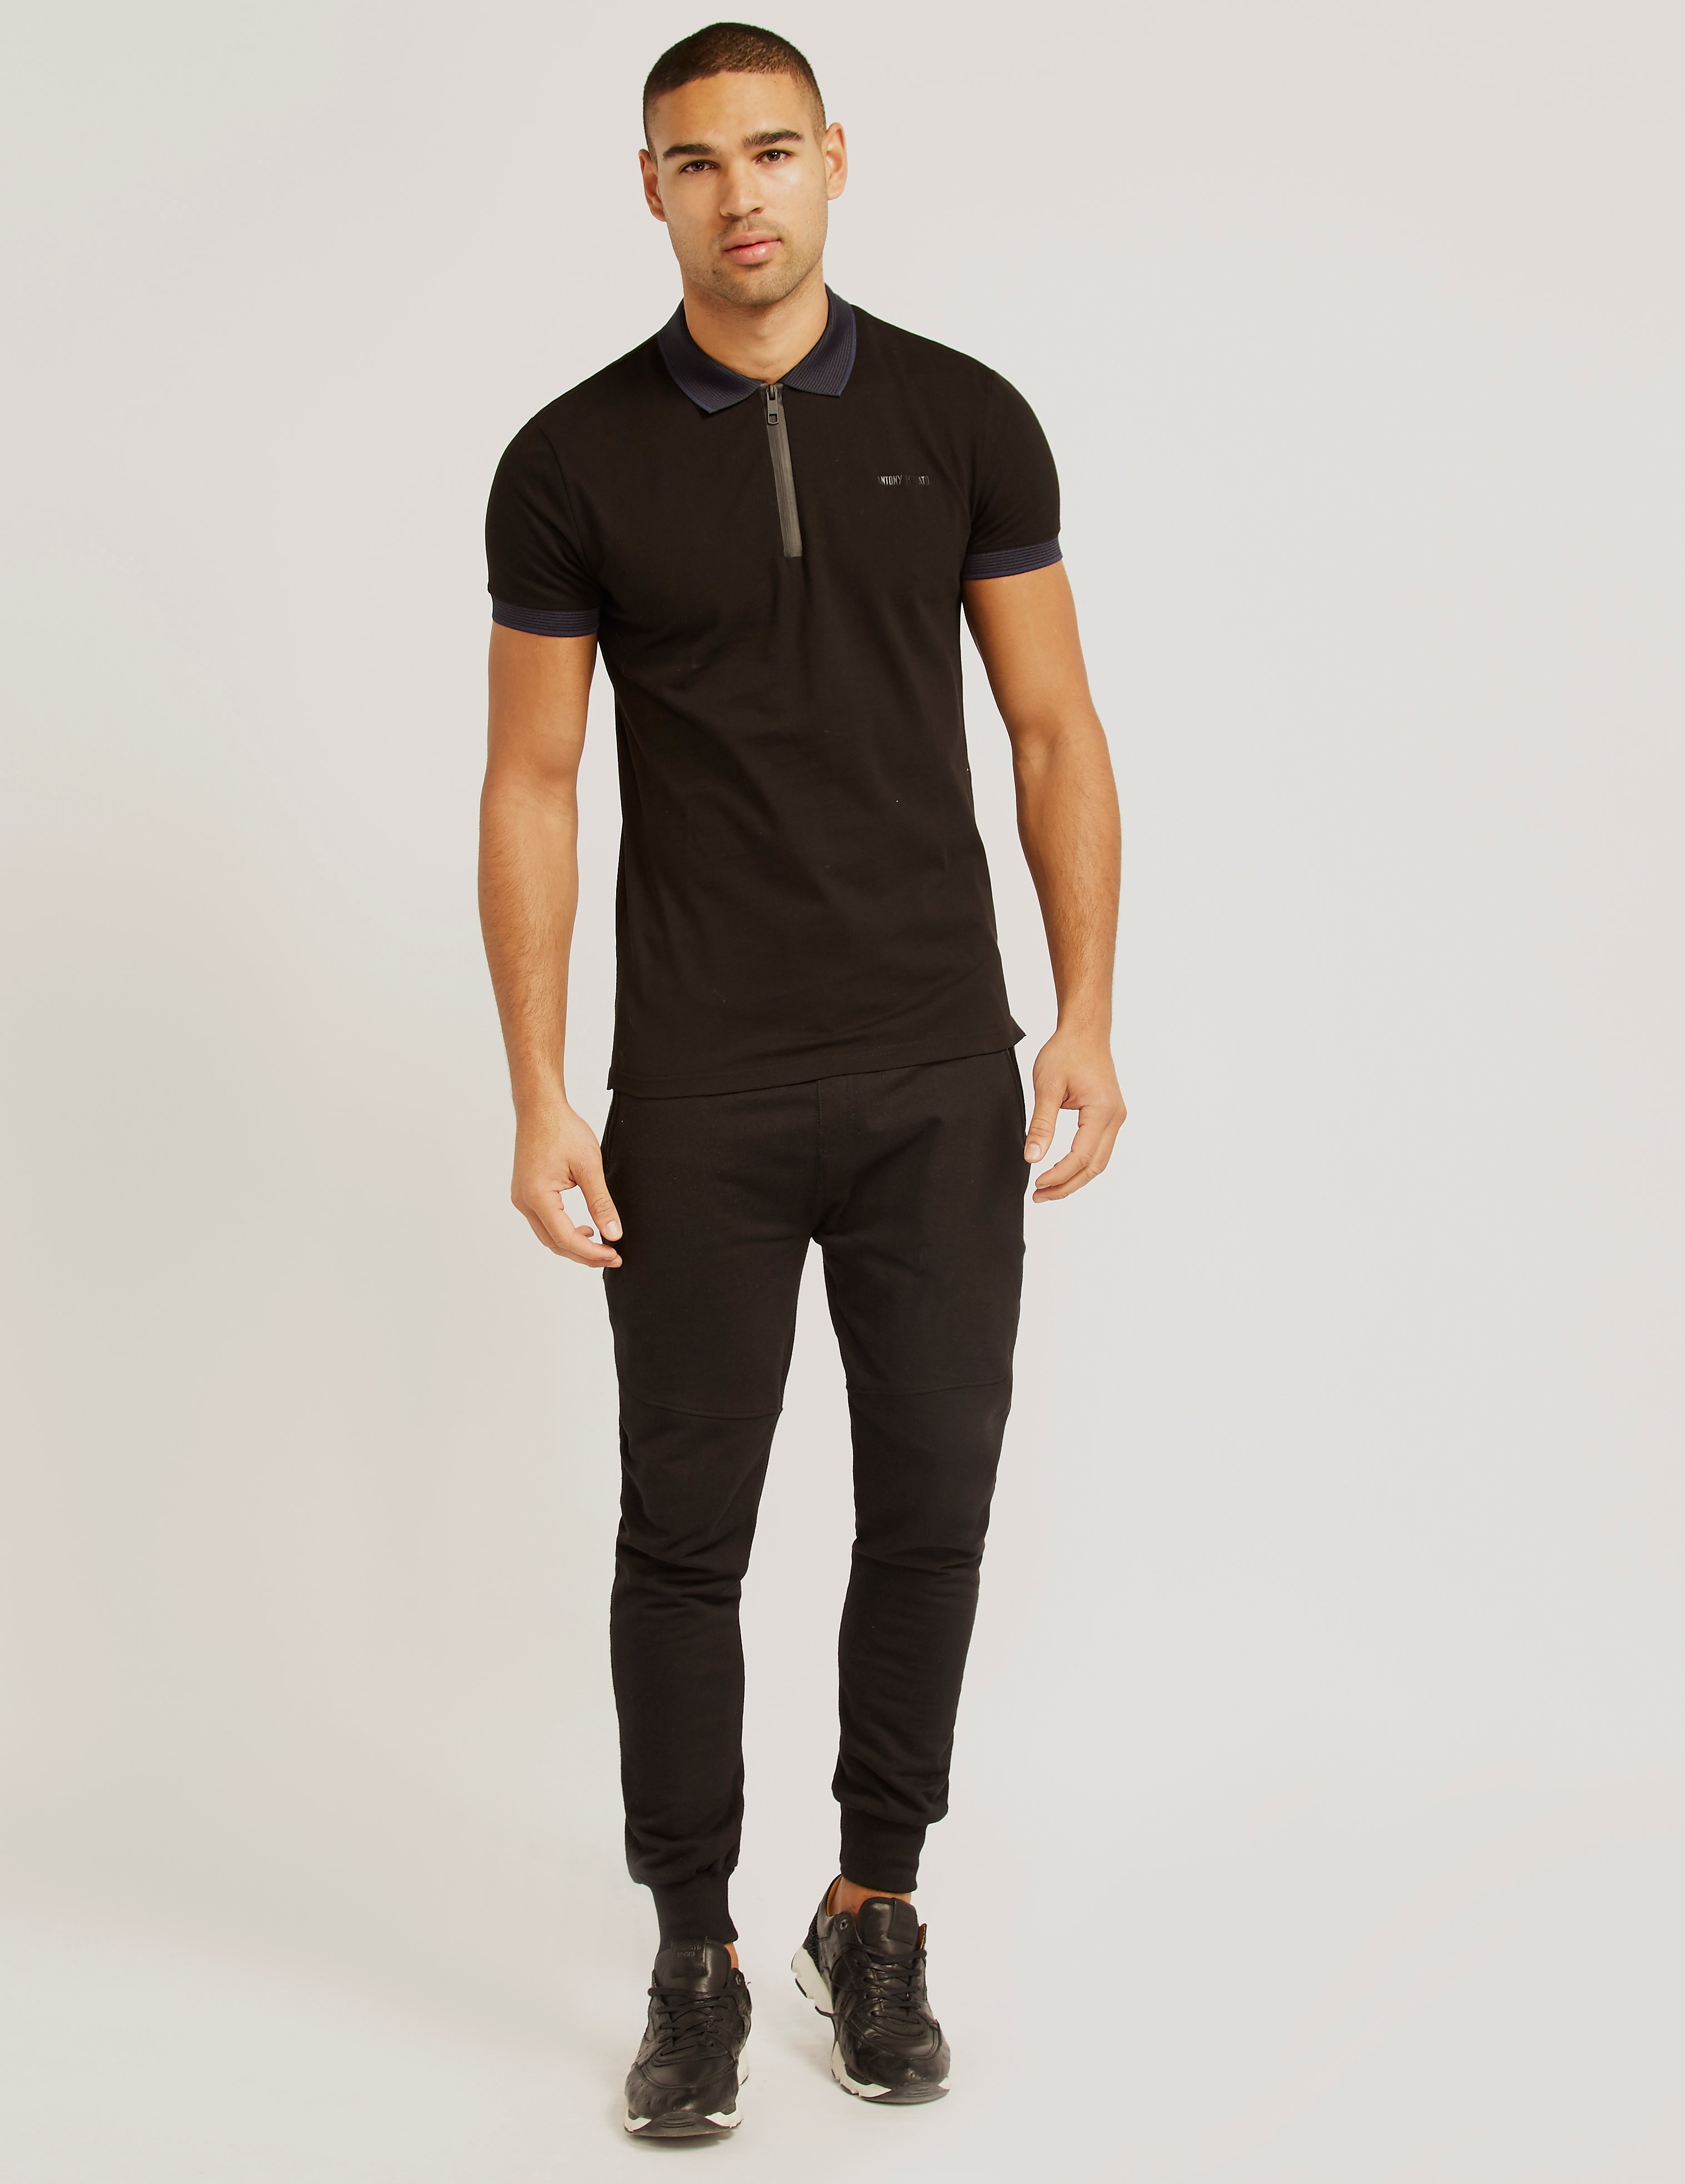 Antony Morato Silver Zip Pique Polo Shirt